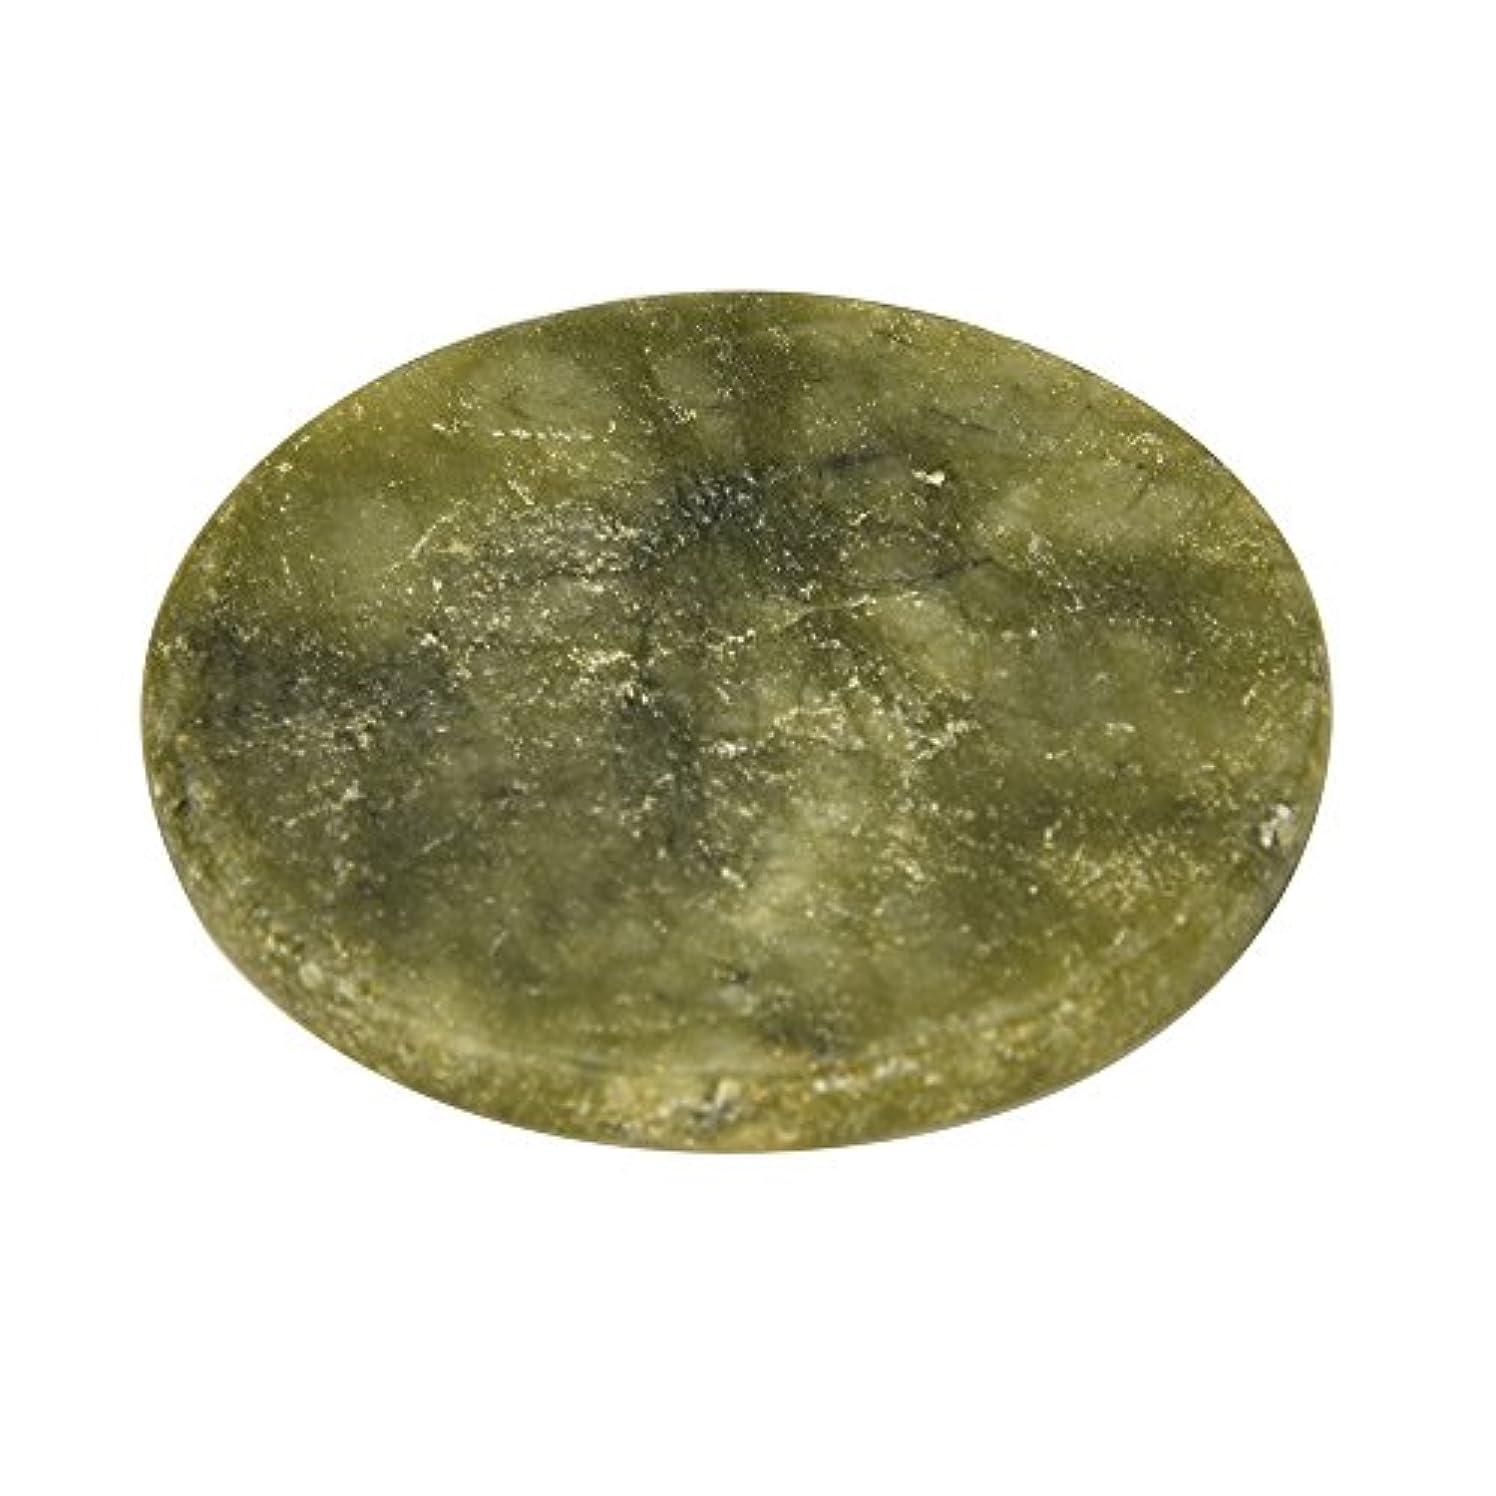 一致する柔らかい破壊する自然な玉石の再使用可能なまつげパッドパレット立場??は緩い延長をします